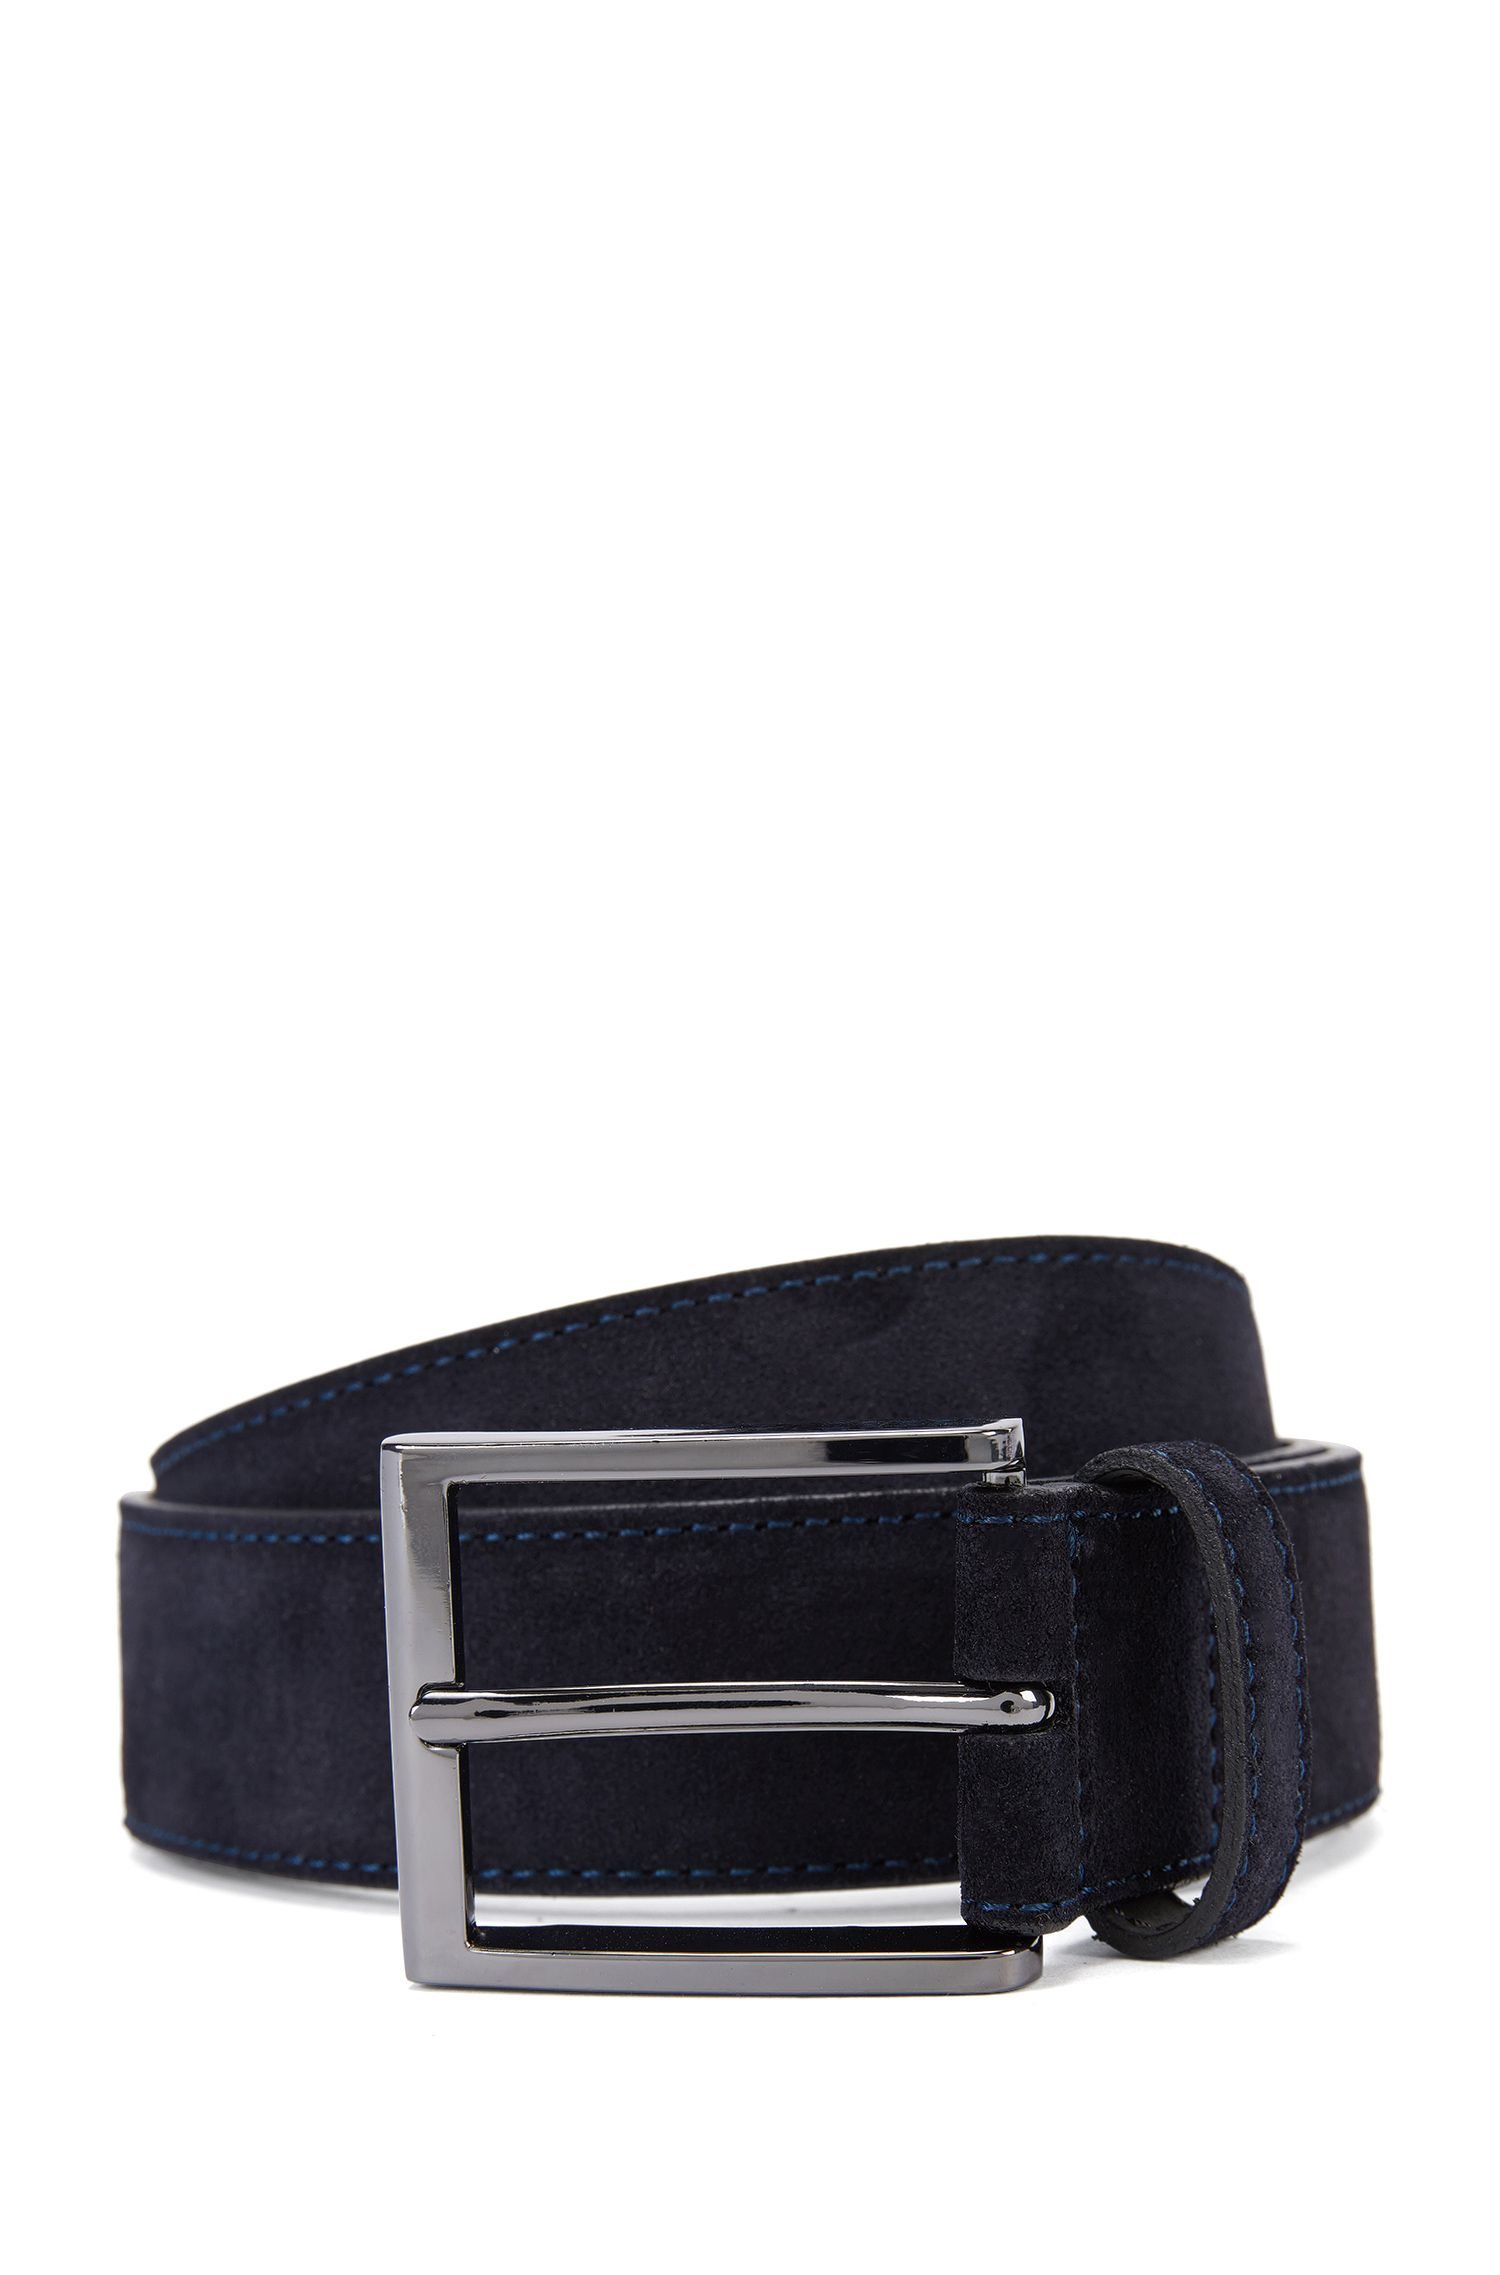 Cinturón de ante con punta de metal con detalle de la marca